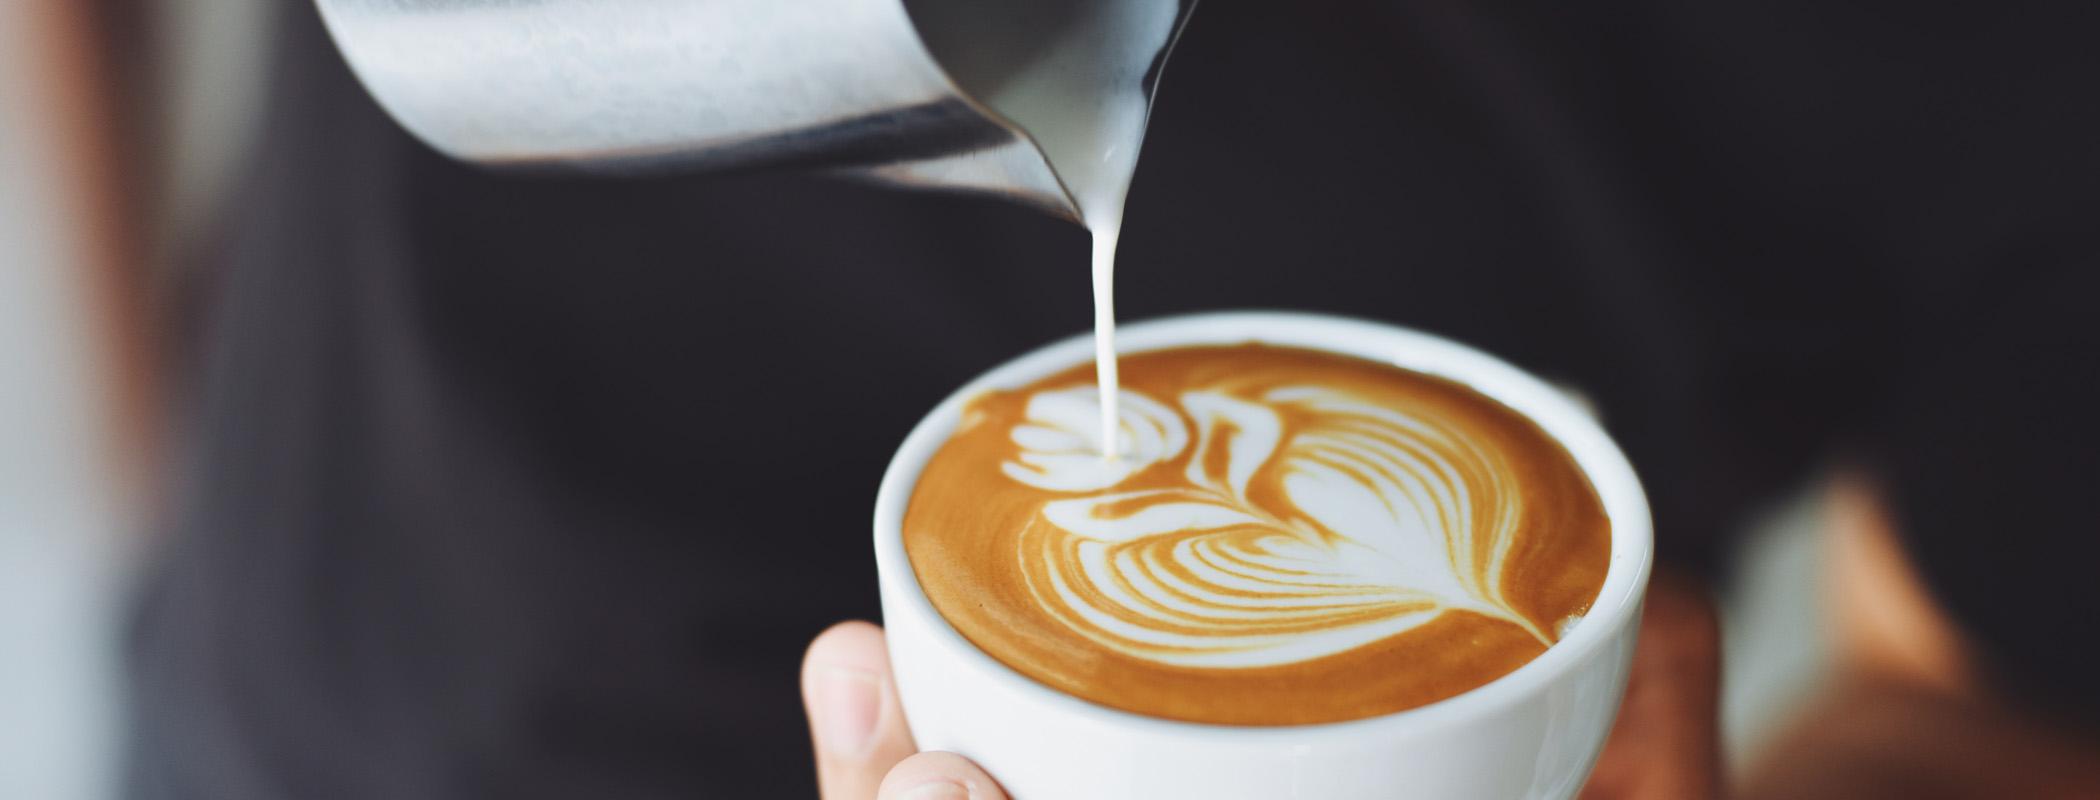 kaffee-banner